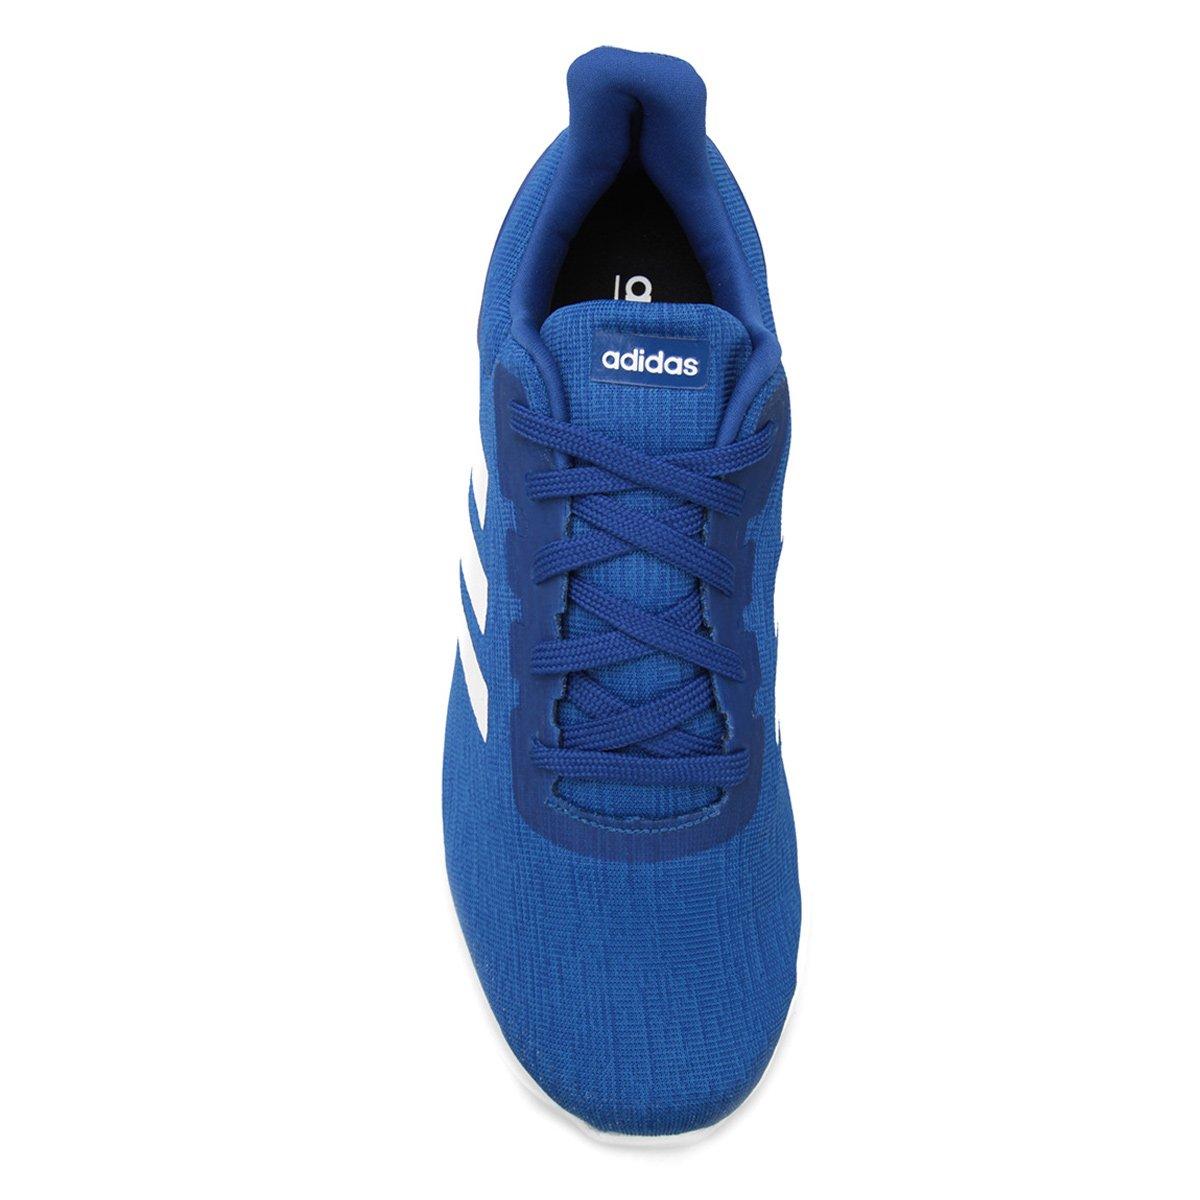 8cd2ee67d4 ... Tênis Adidas Cosmic 2 Masculino. Tênis Adidas Cosmic 2 Masculino -  Branco+Azul Royal